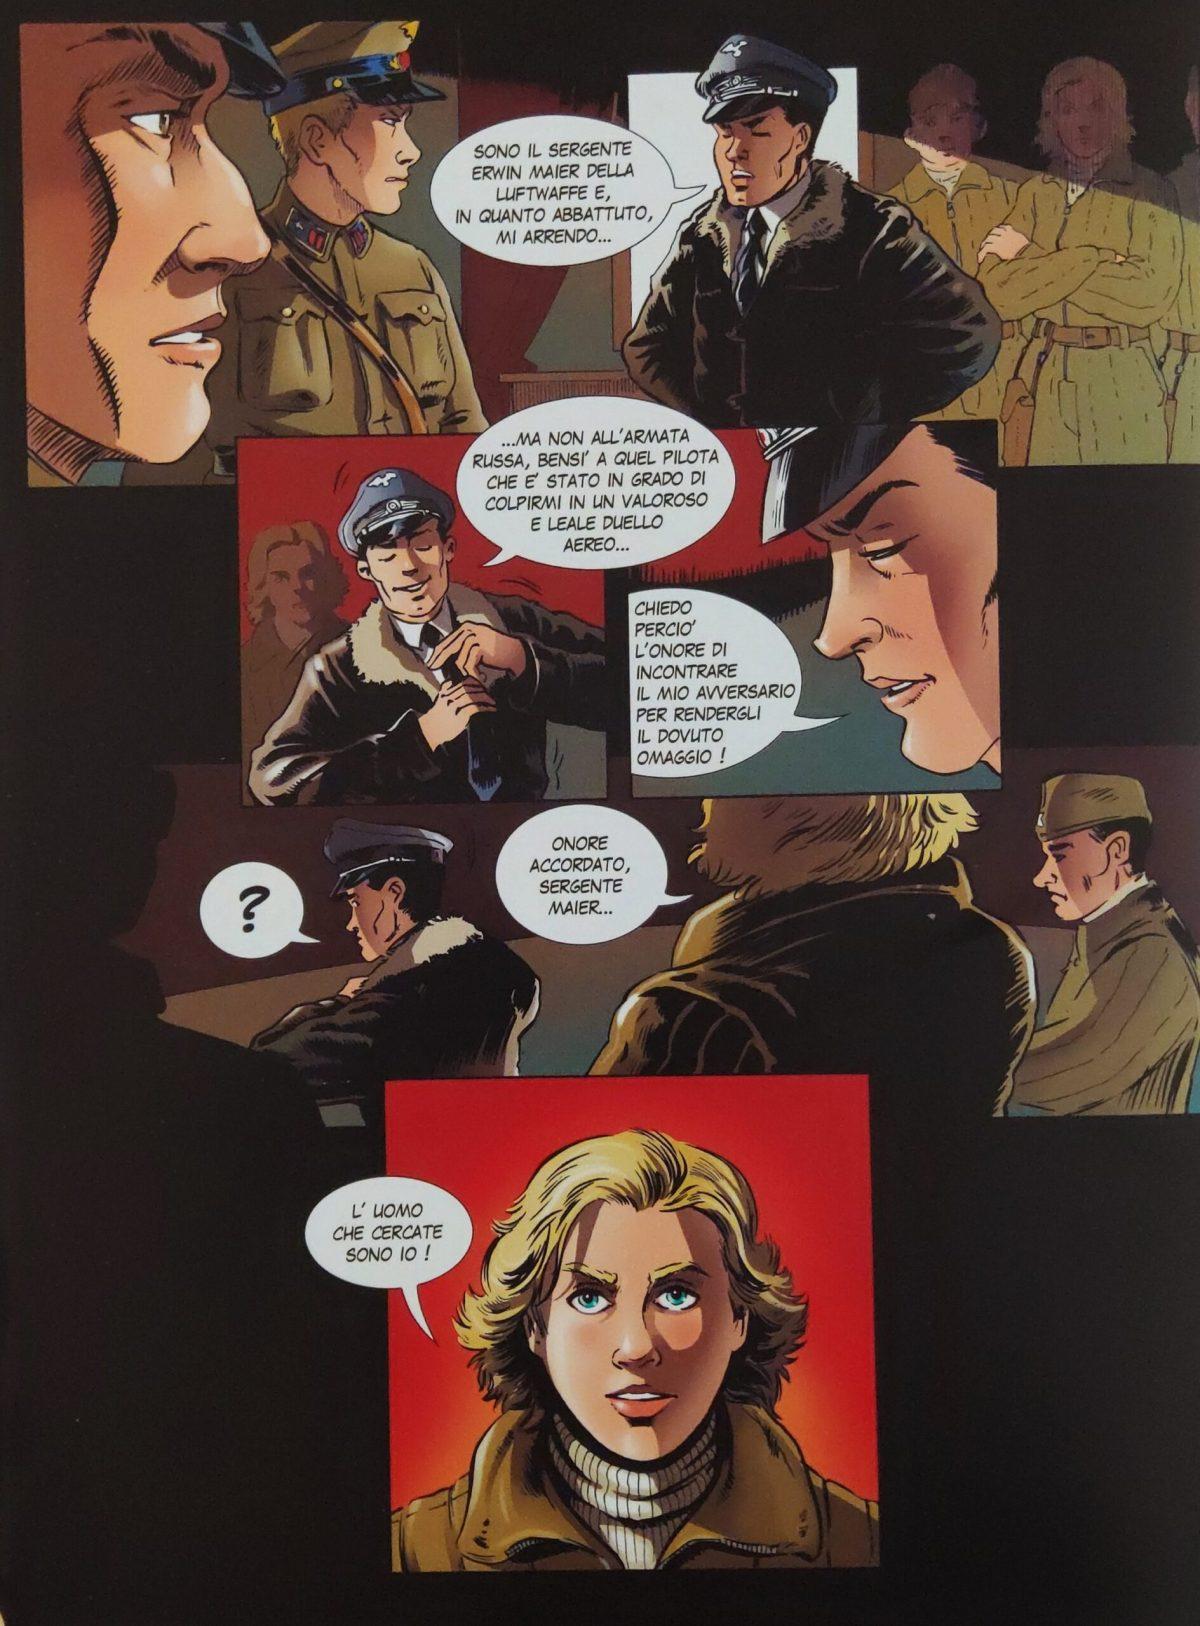 Mio caro fumetto... - Il sergente Erwin Meier scopre che ad abbattere il suo aereo è stata Lidija Litvjak, il Giglio Bianco di Stalingrado